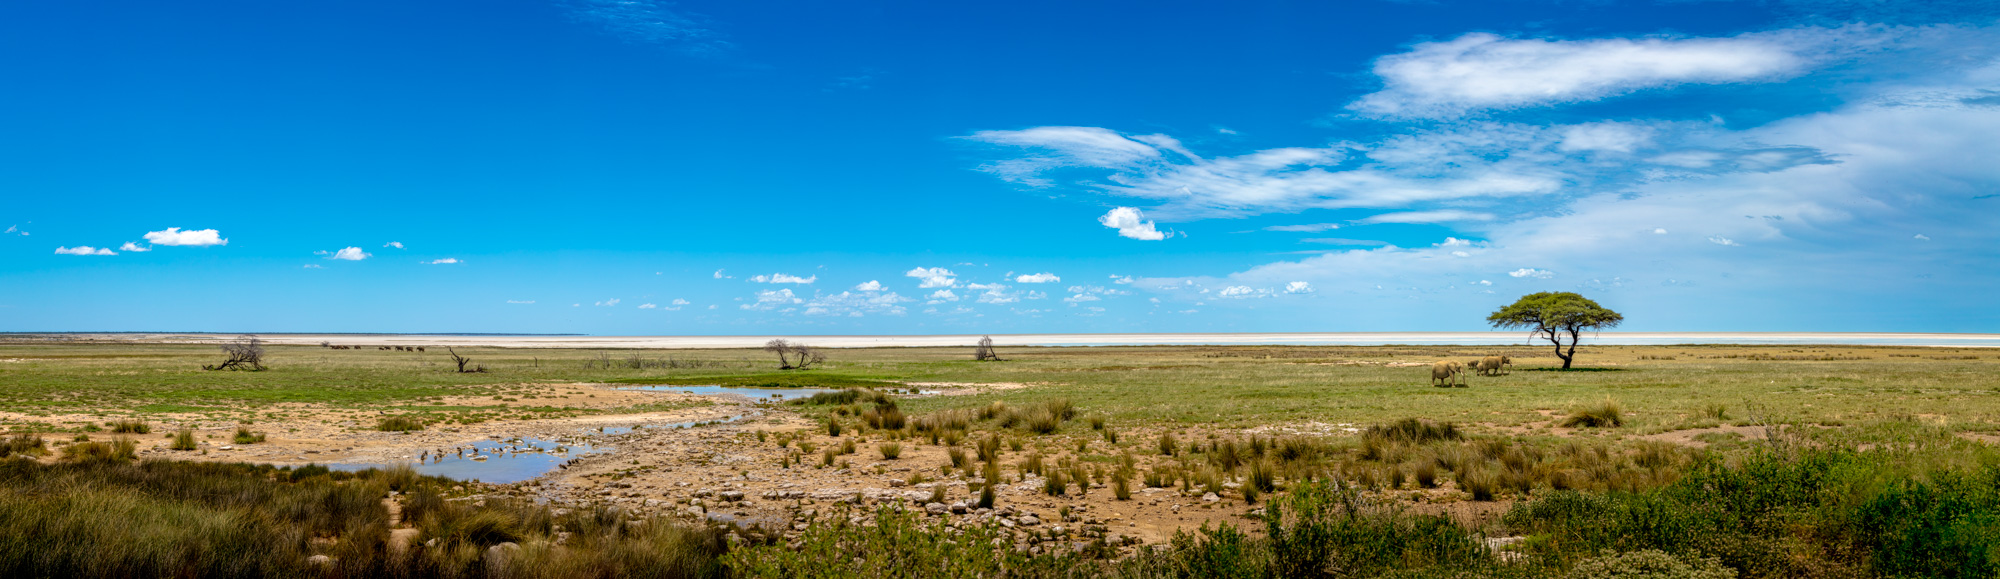 Etosha Pan Panoramic View